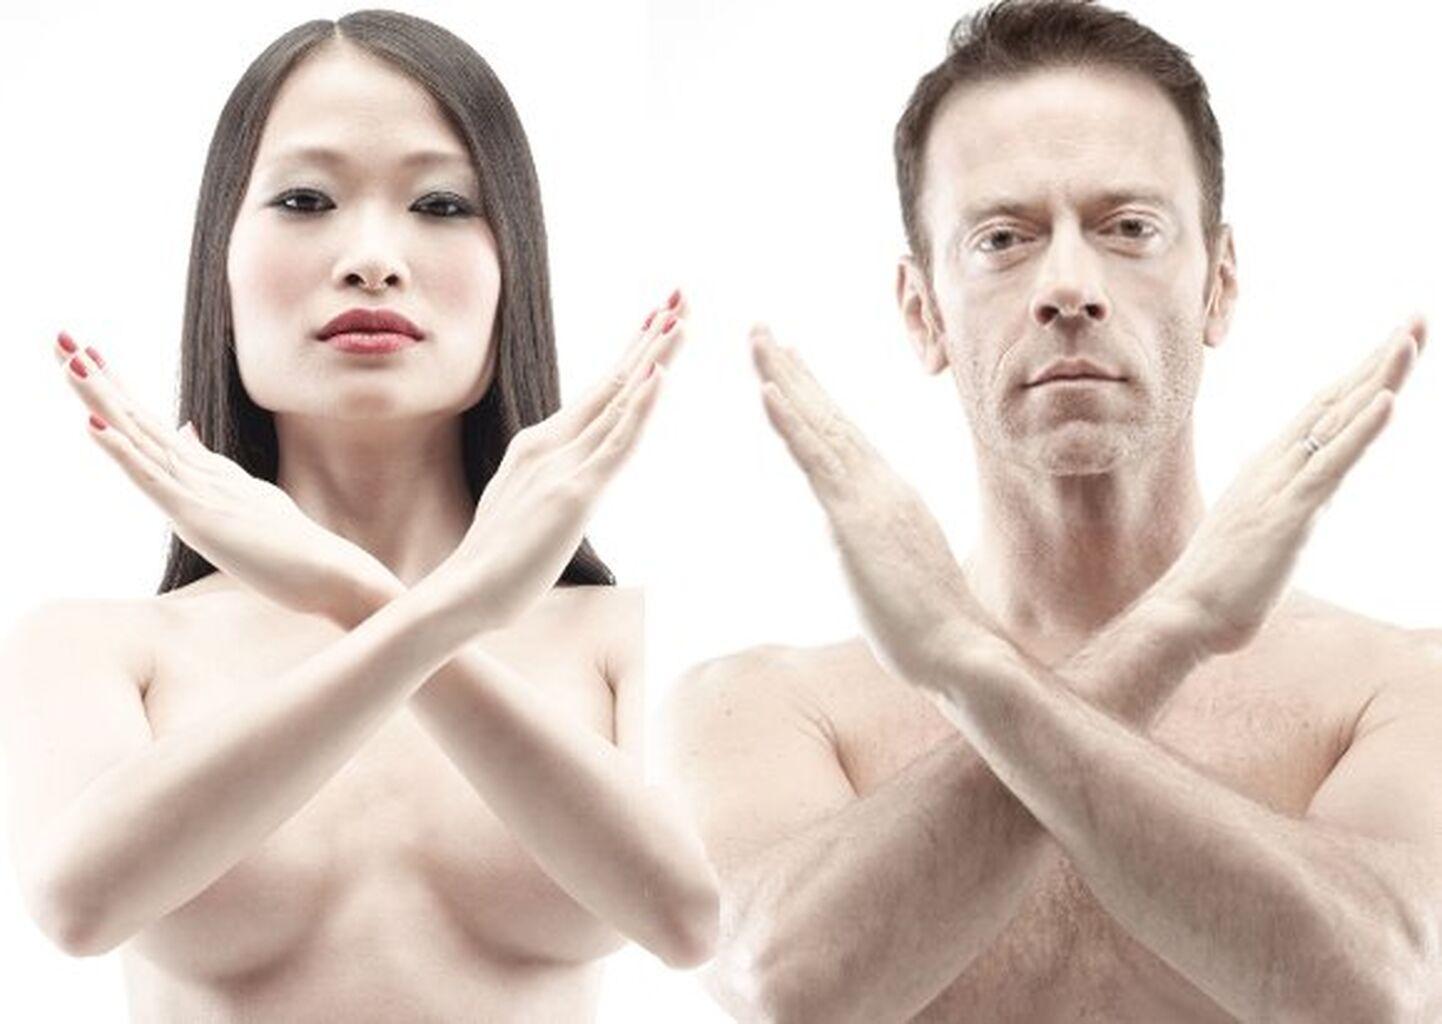 Abuso En El Cine Porno dos estrellas del porno protagonizan una campaña contra la